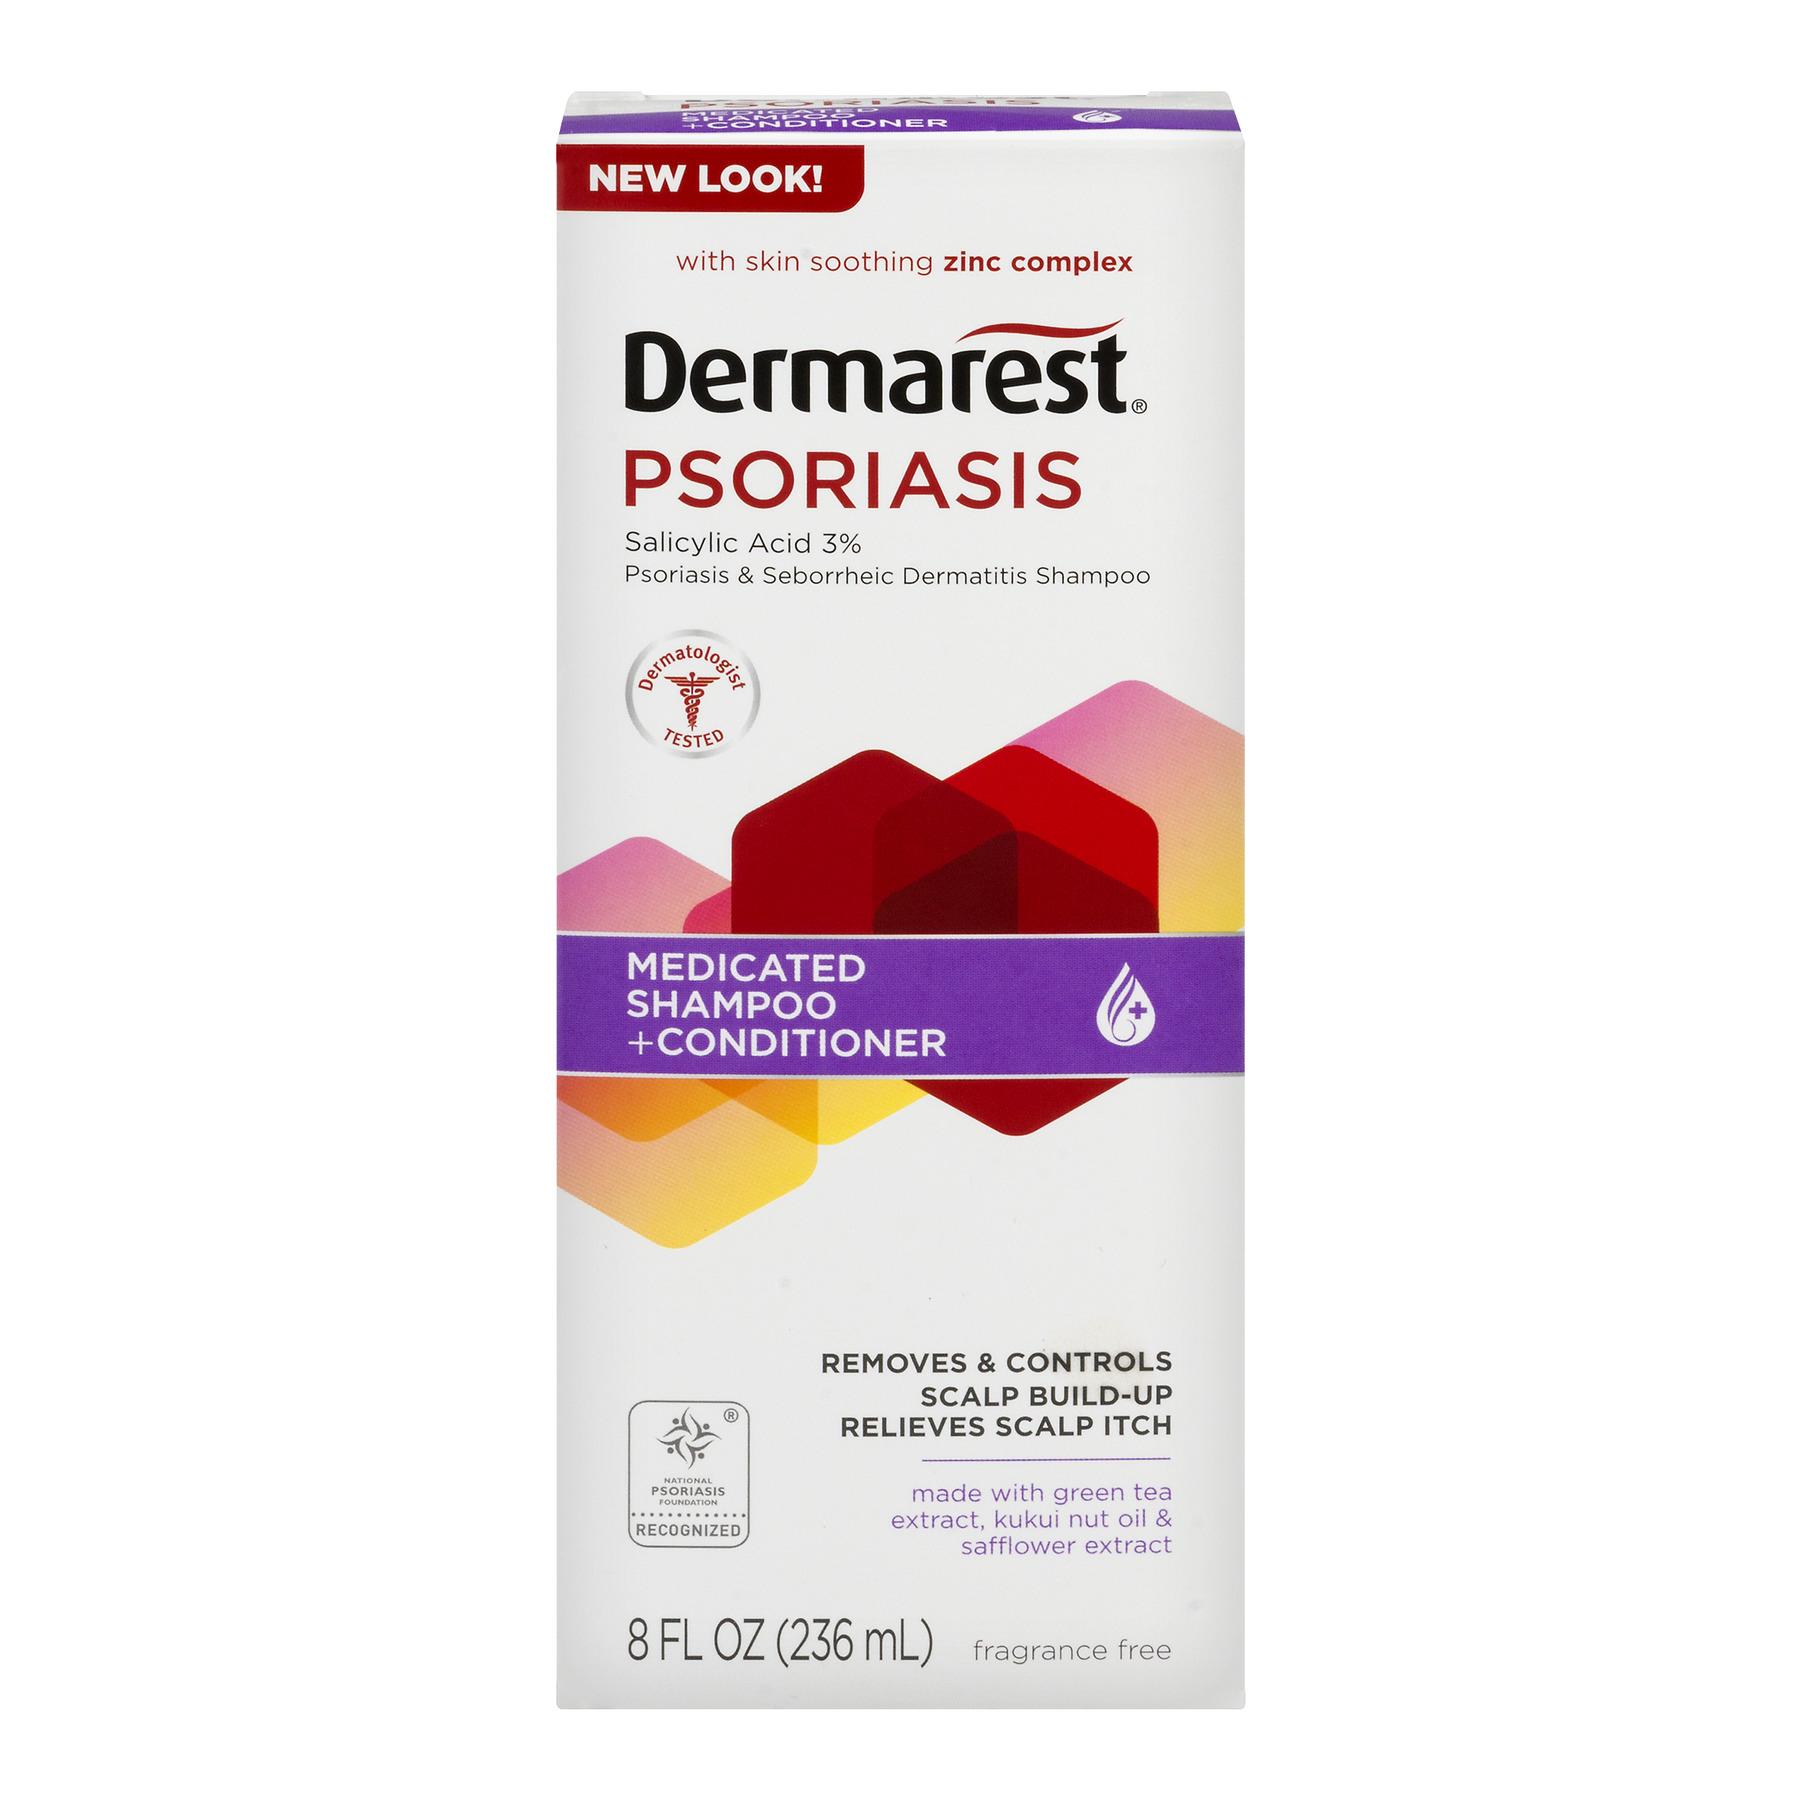 Dermarest Psoriasis Medicated Shampoo Plus Conditioner